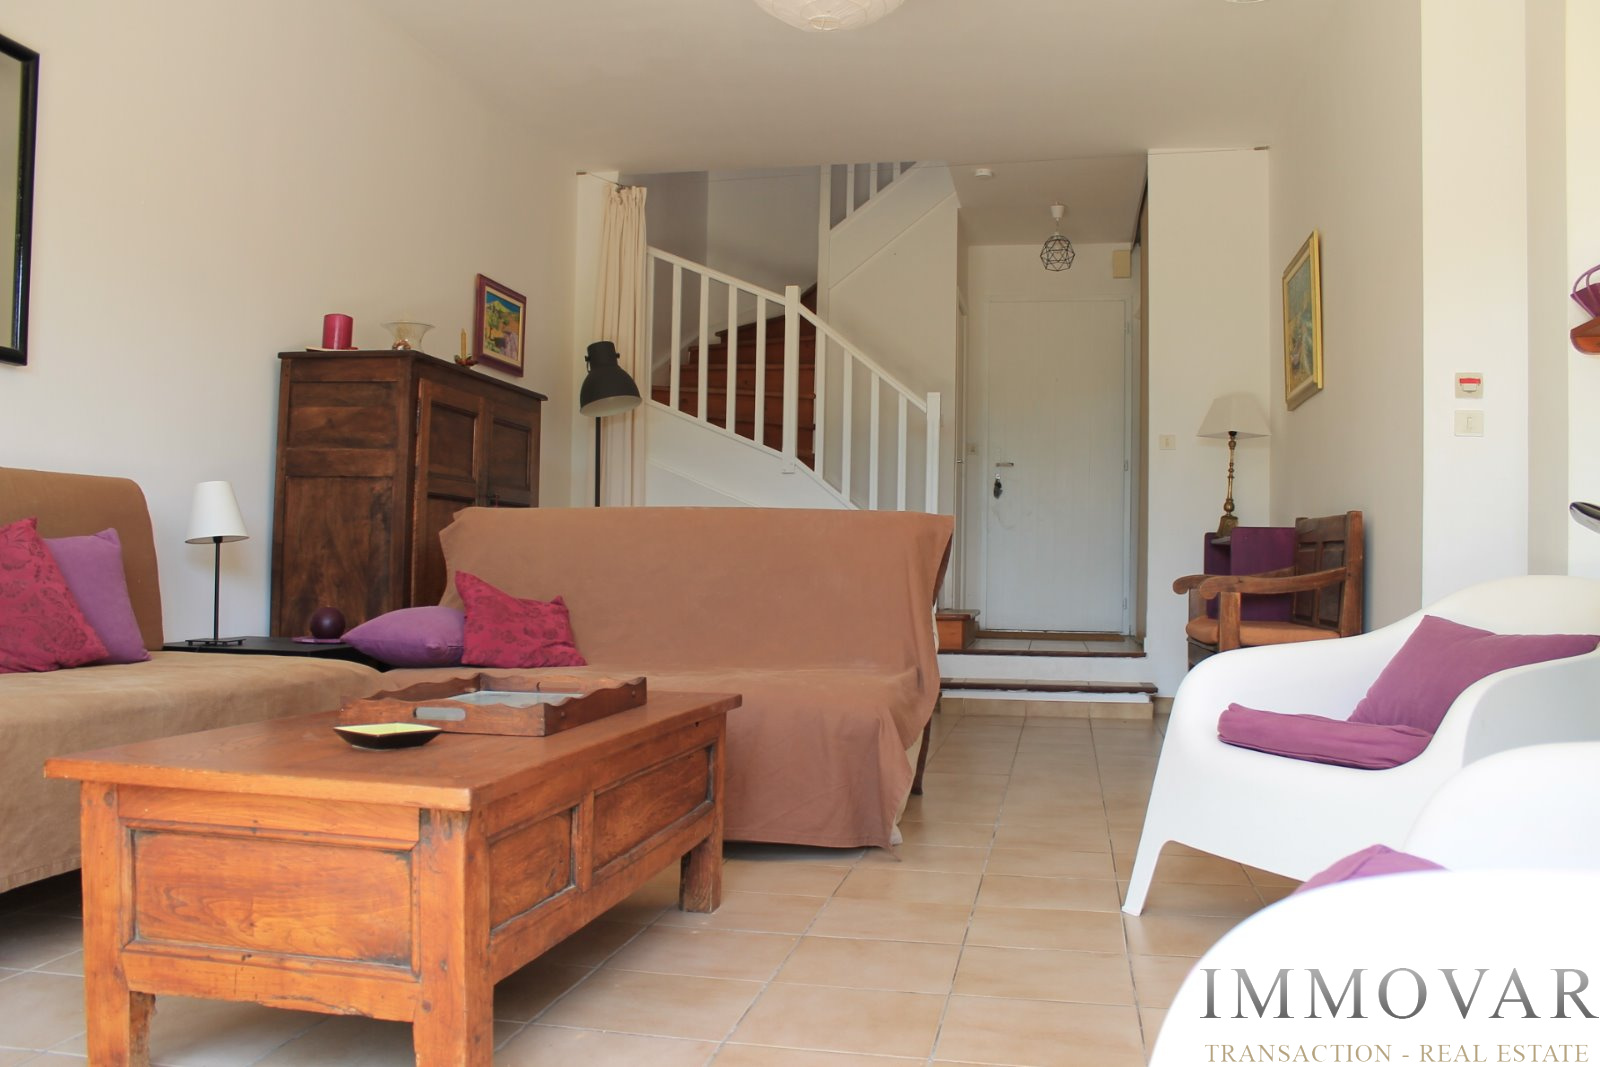 vente maisons villass et villas st cyr bandol la cadi re d 39 azur et environ. Black Bedroom Furniture Sets. Home Design Ideas